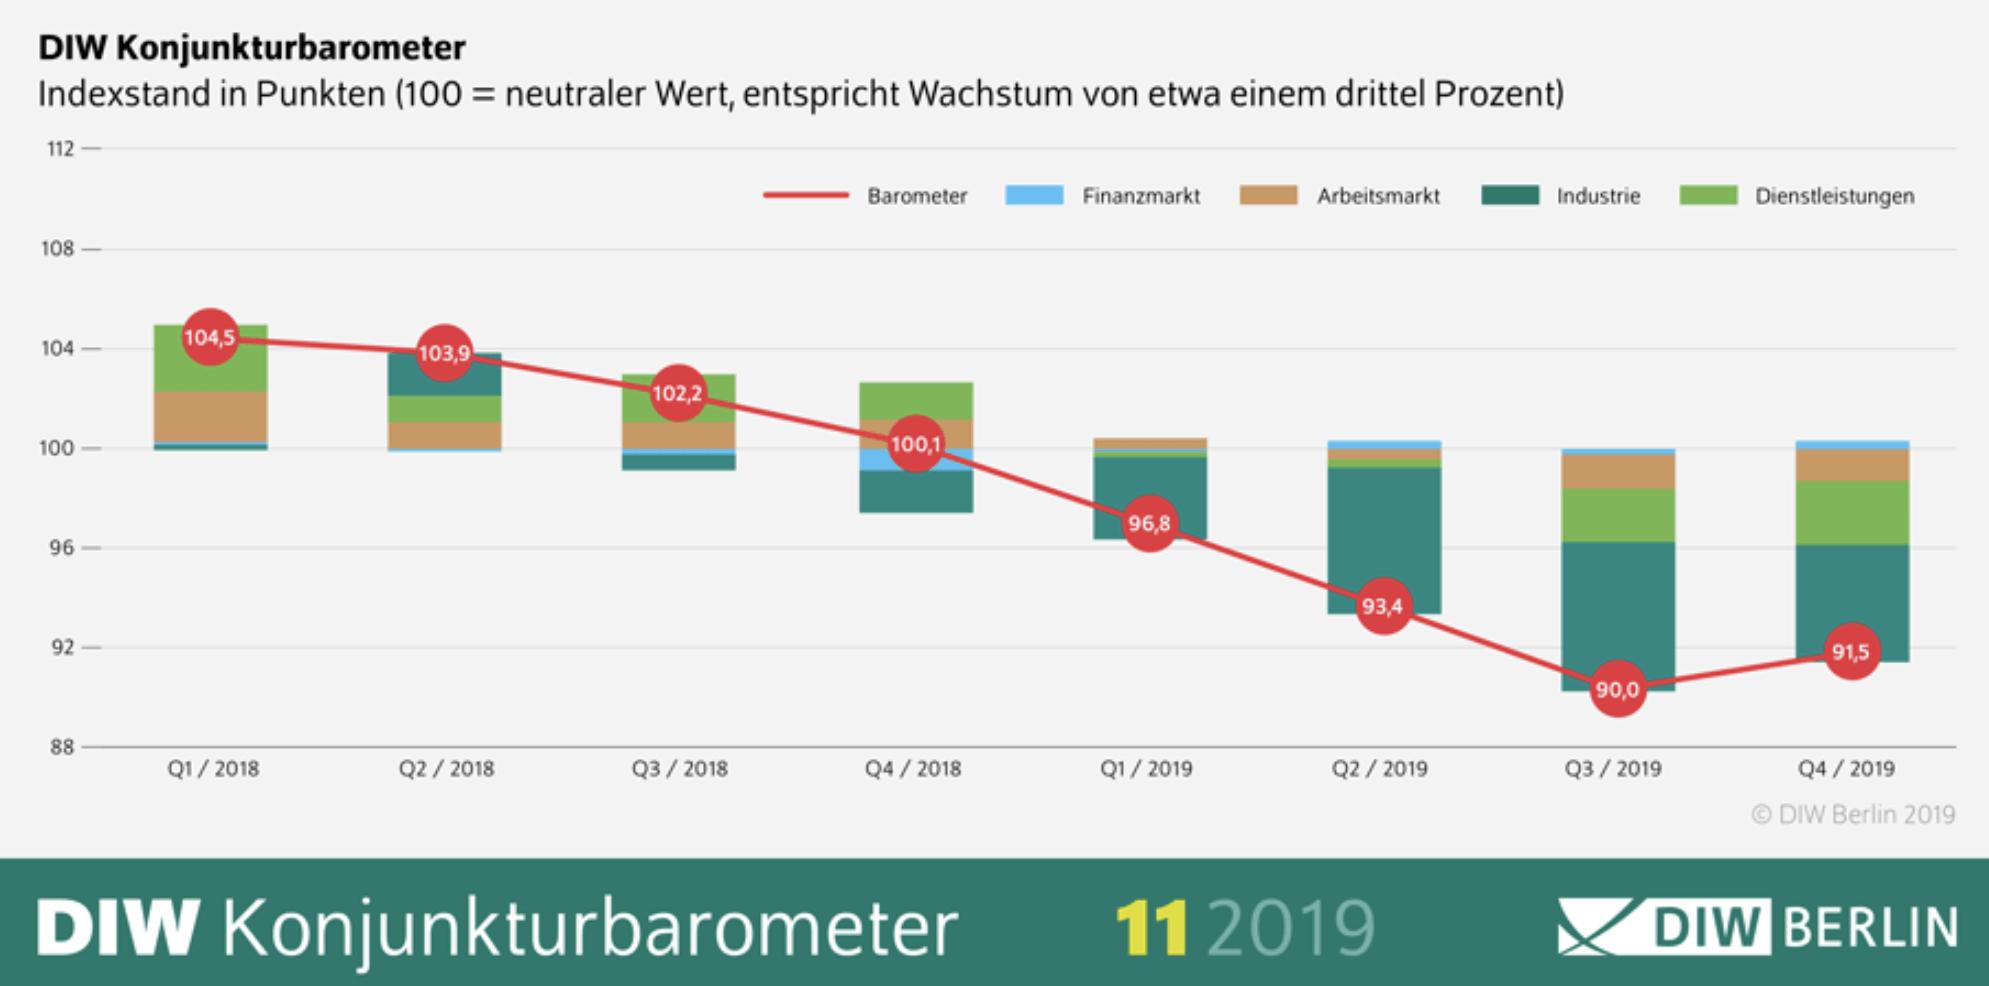 DIW Barometer für die deutsche Konjunktur